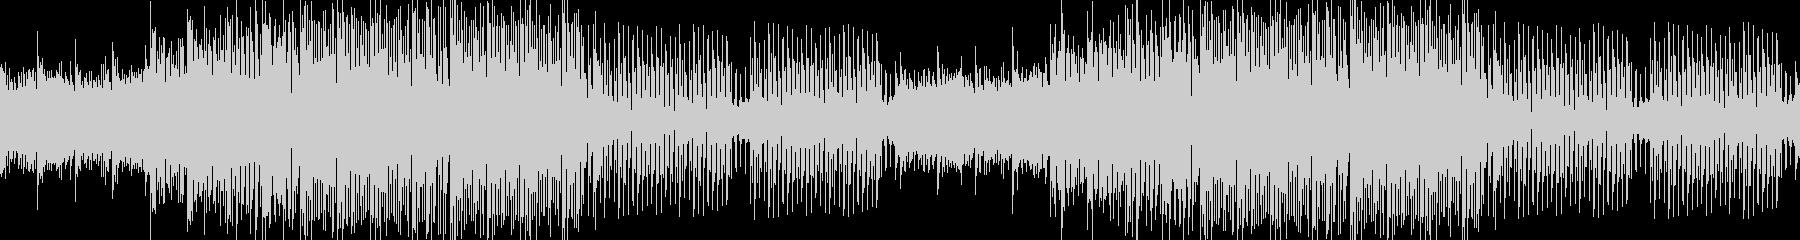 爽やか琴と三味線の和風EDM、優しい尺八の未再生の波形